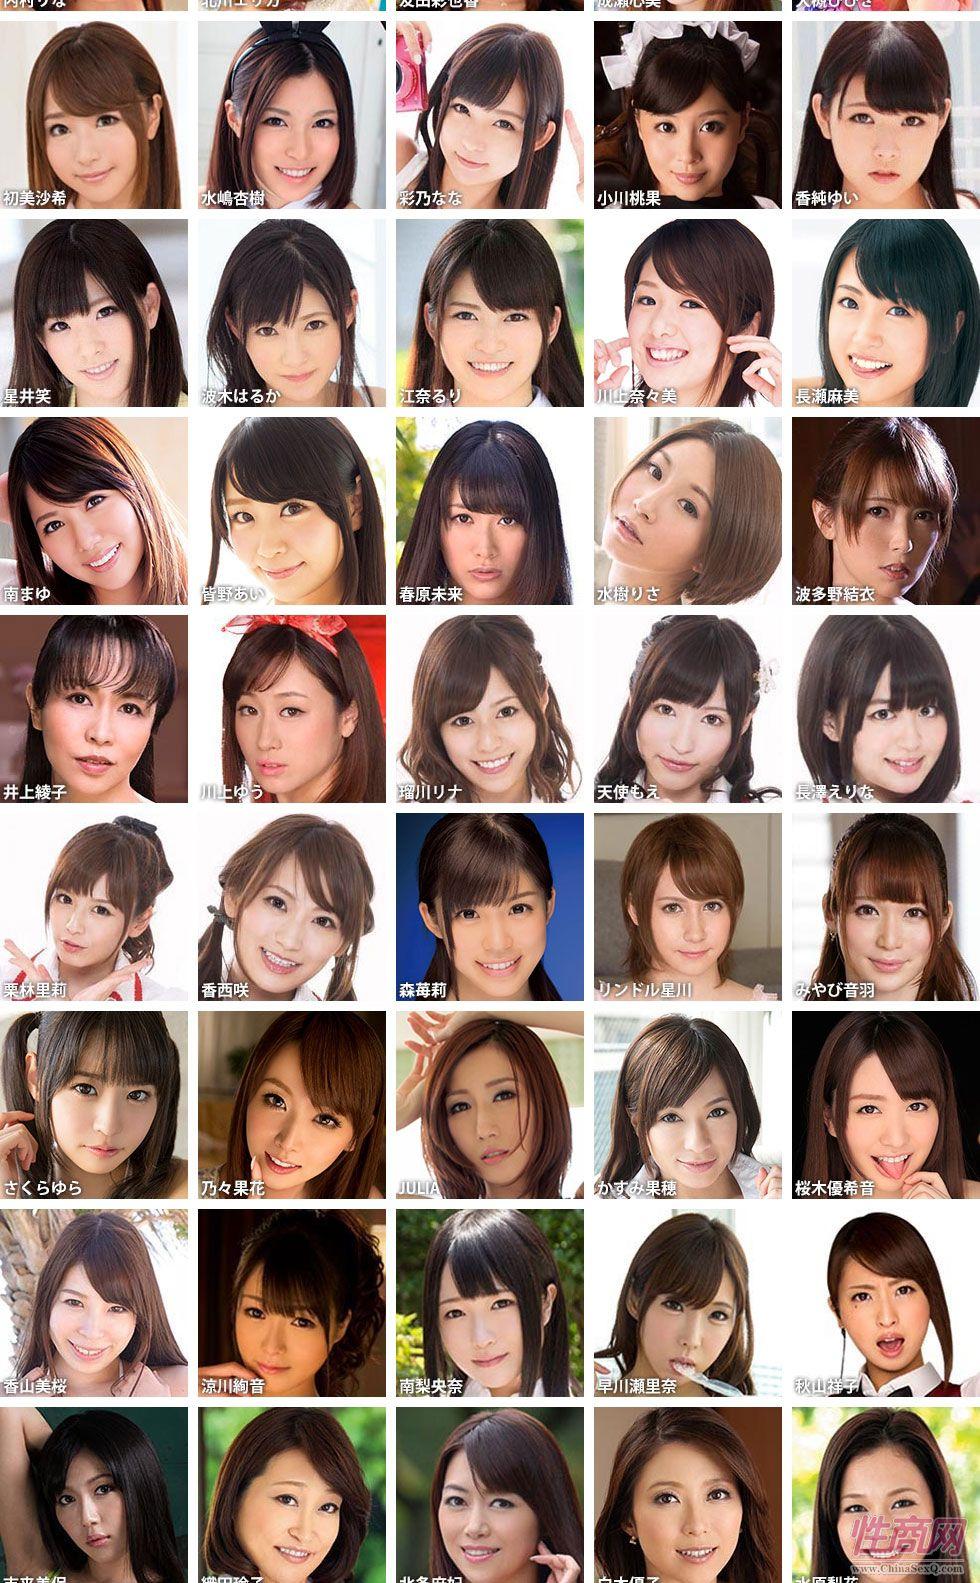 参加2015日本成人展的女优名单2